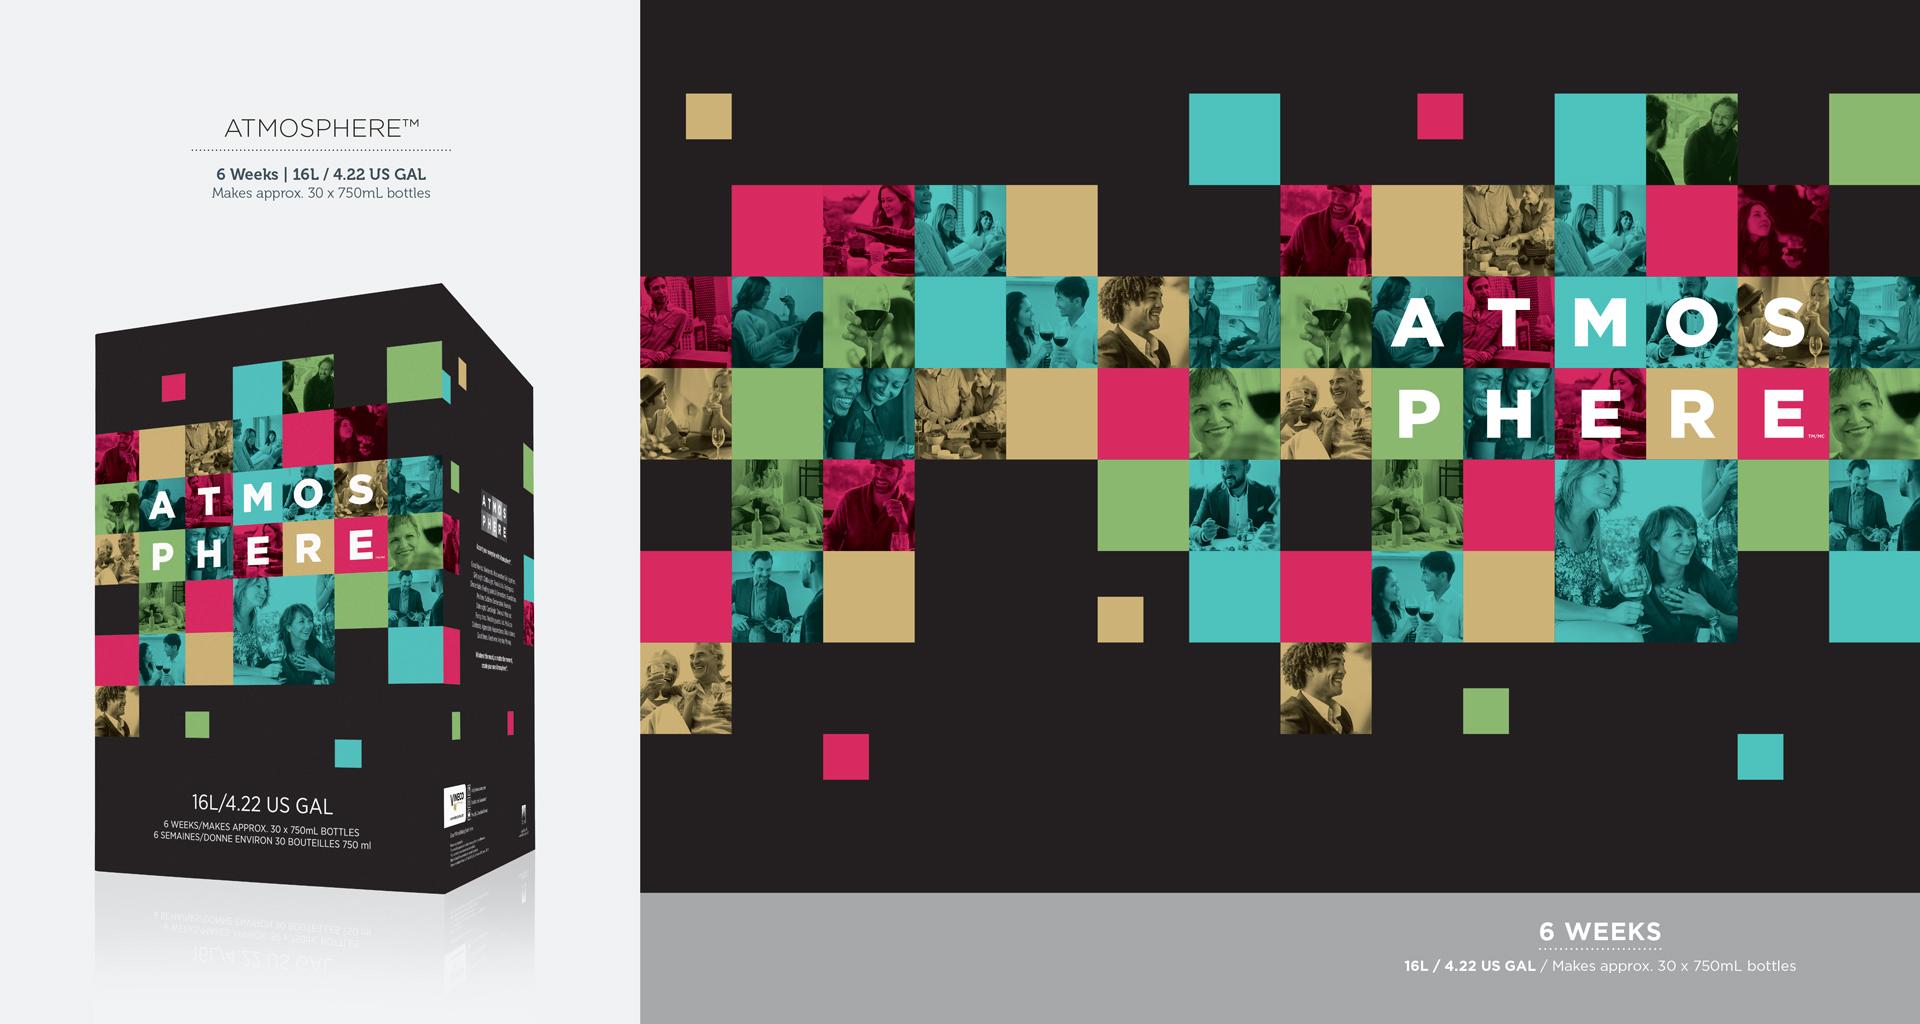 Atmosphere_Brochure(1)-1